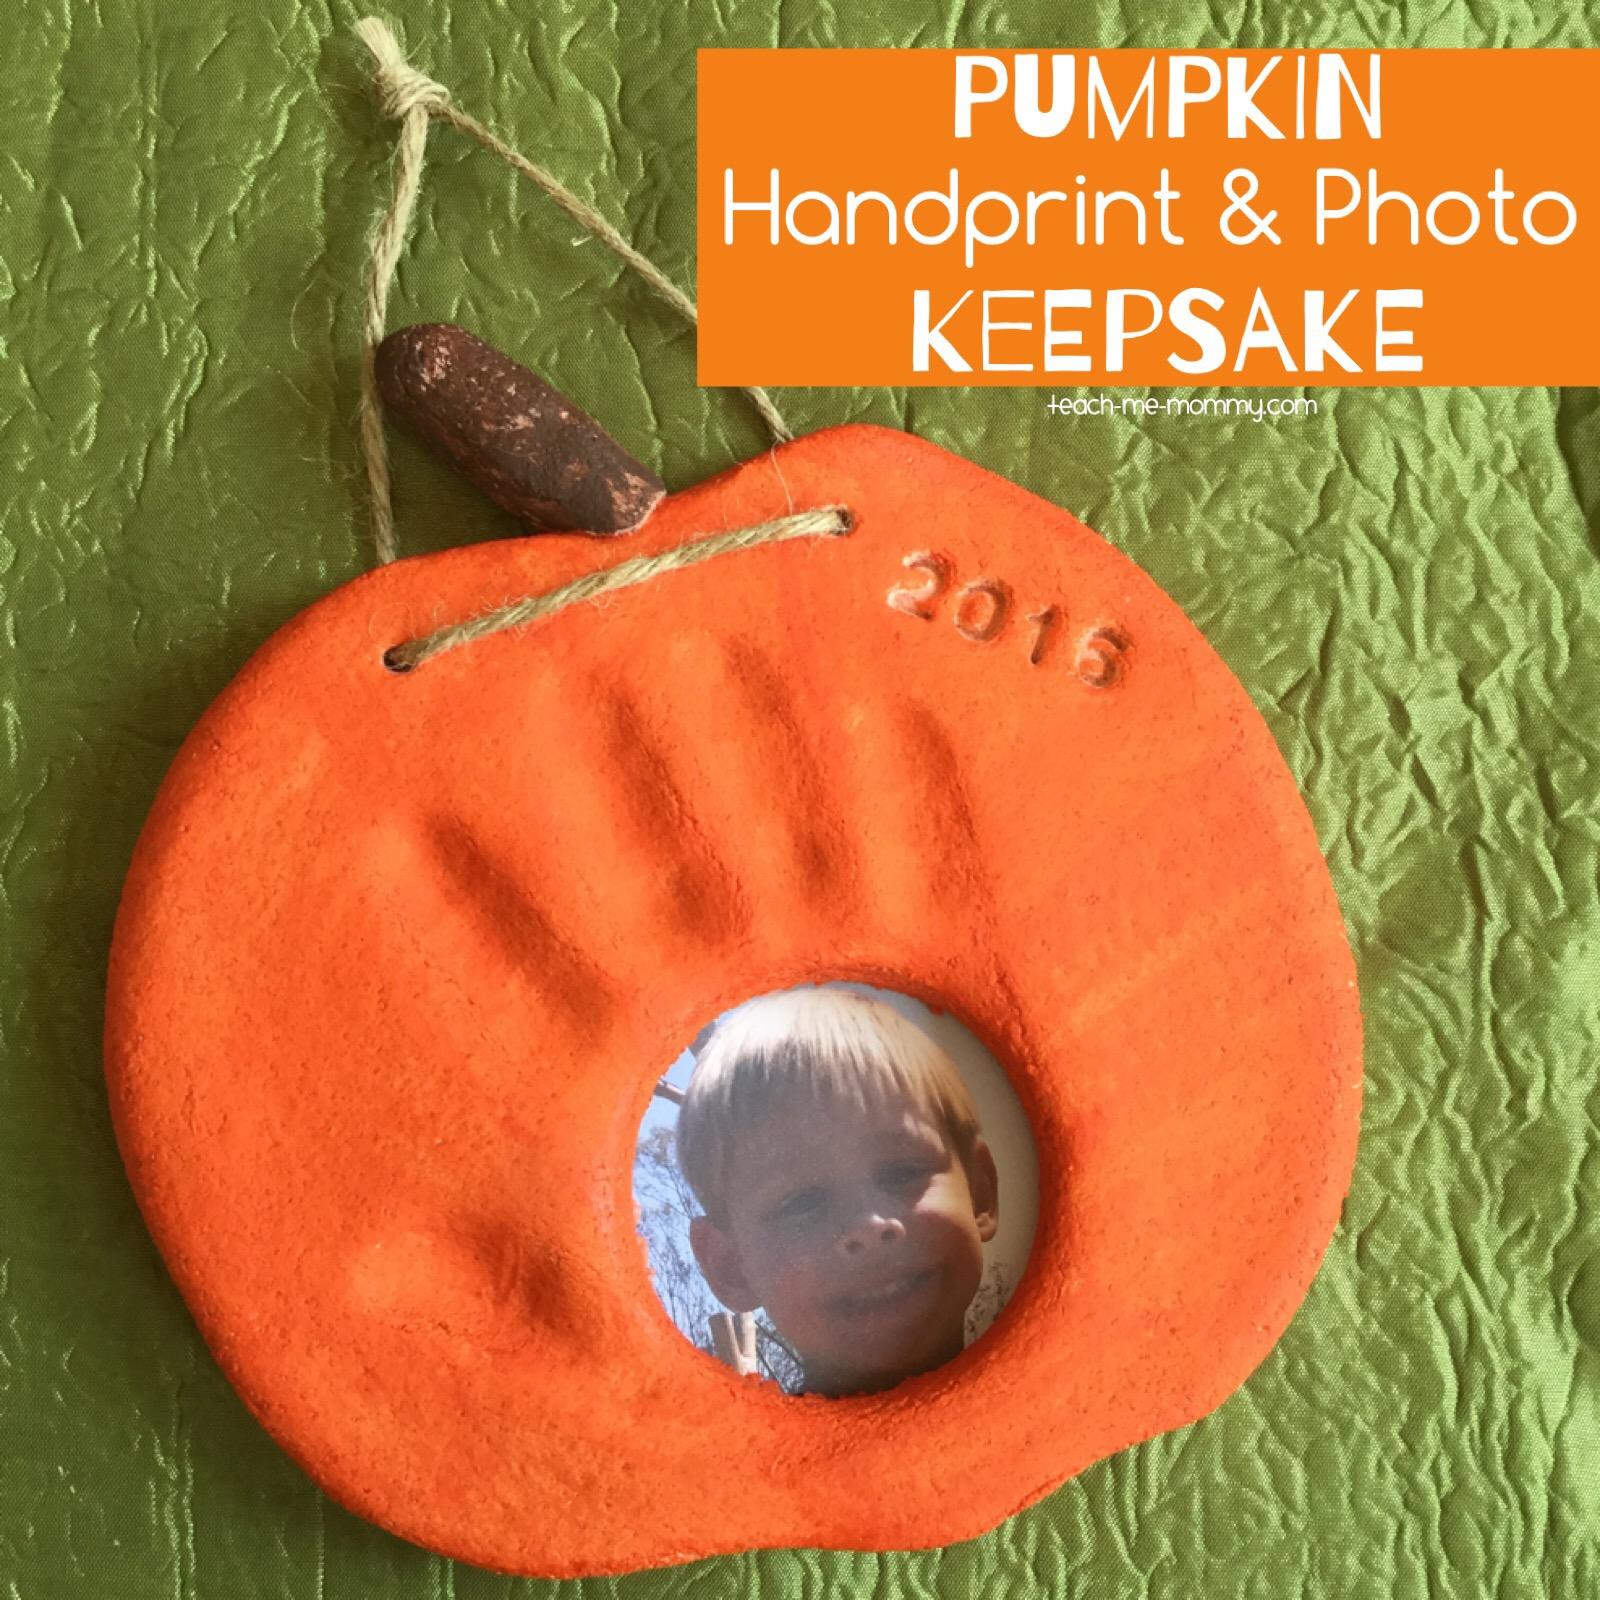 pumpkin keepsake